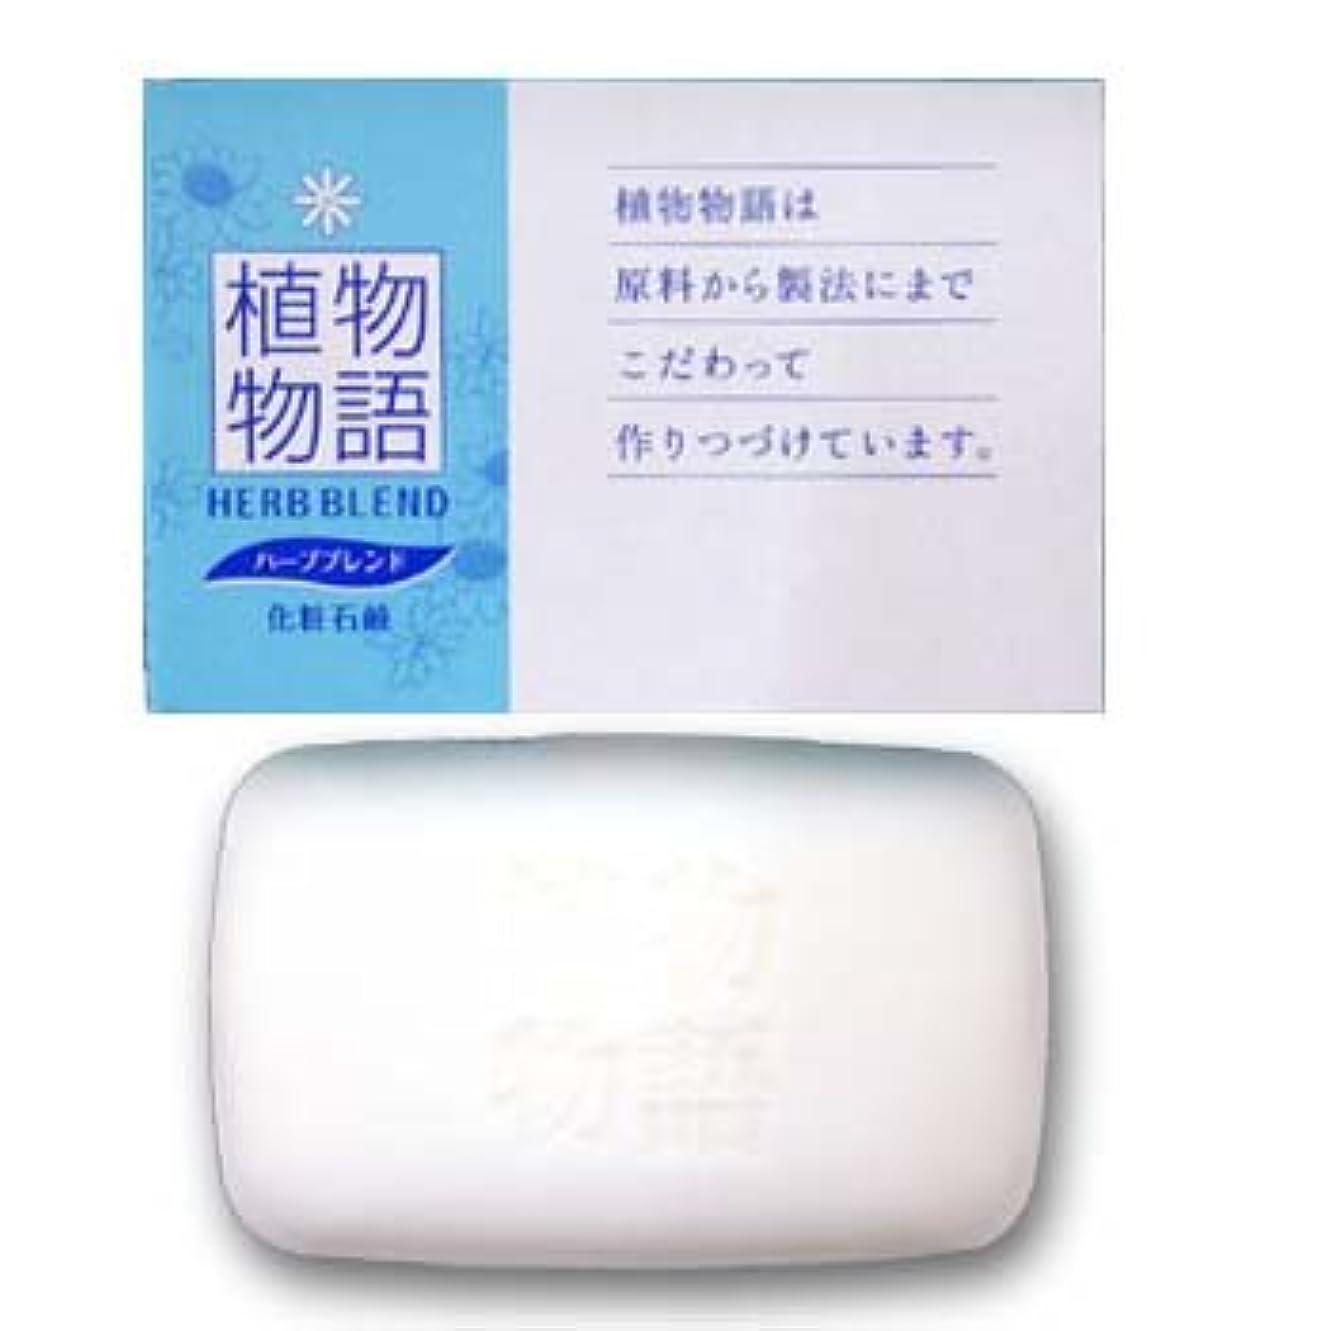 詐欺師従事するゴミ箱LION 植物物語石鹸80g化粧箱入(1セット100個入)